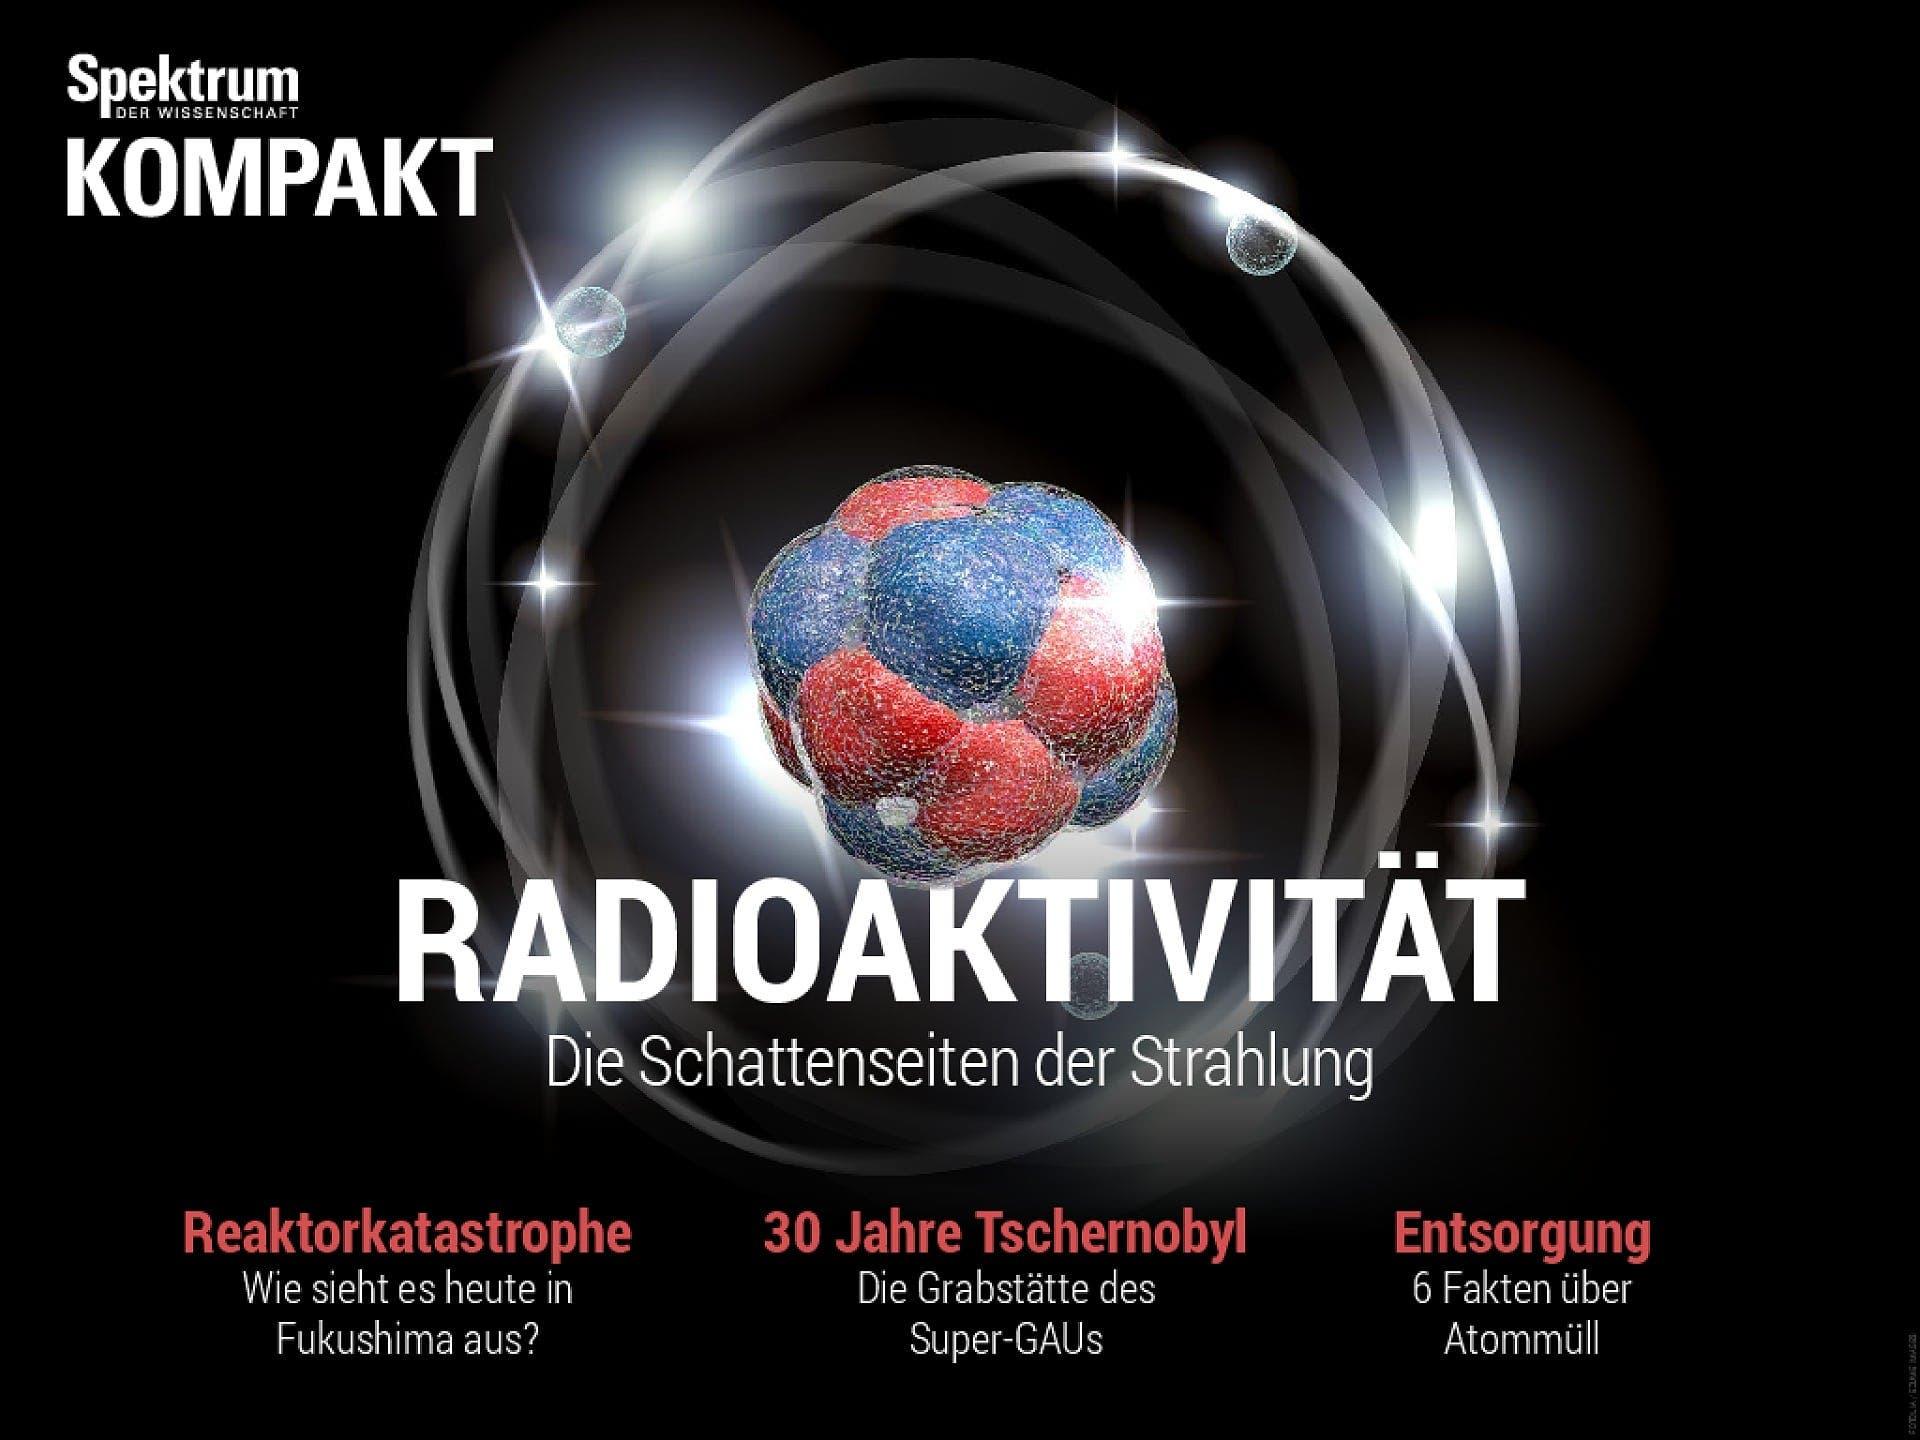 Radioaktivität - die Schattenseiten der Strahlung